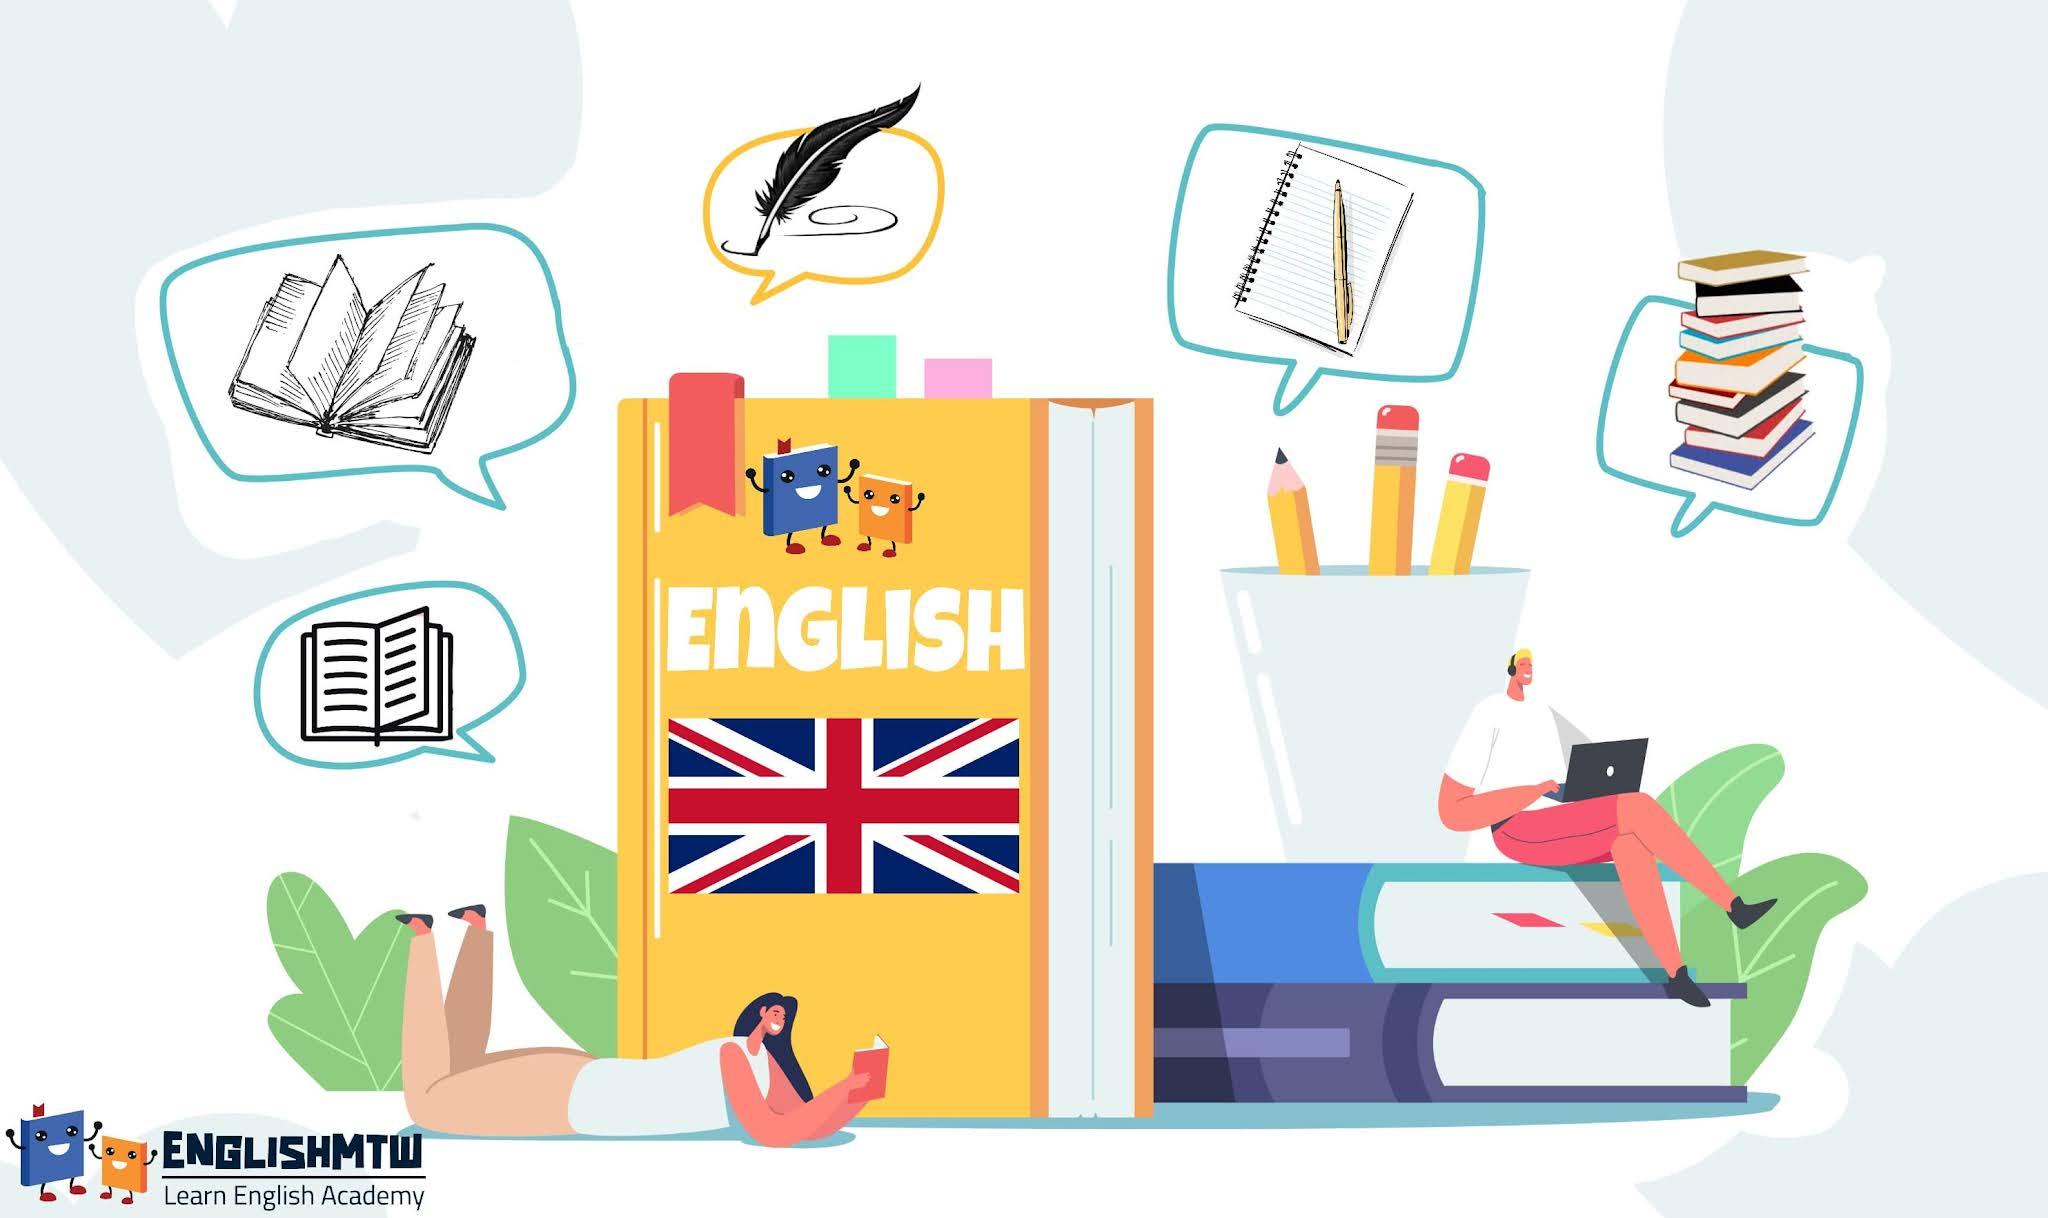 تعلم قراءة اللغة الانجليزية